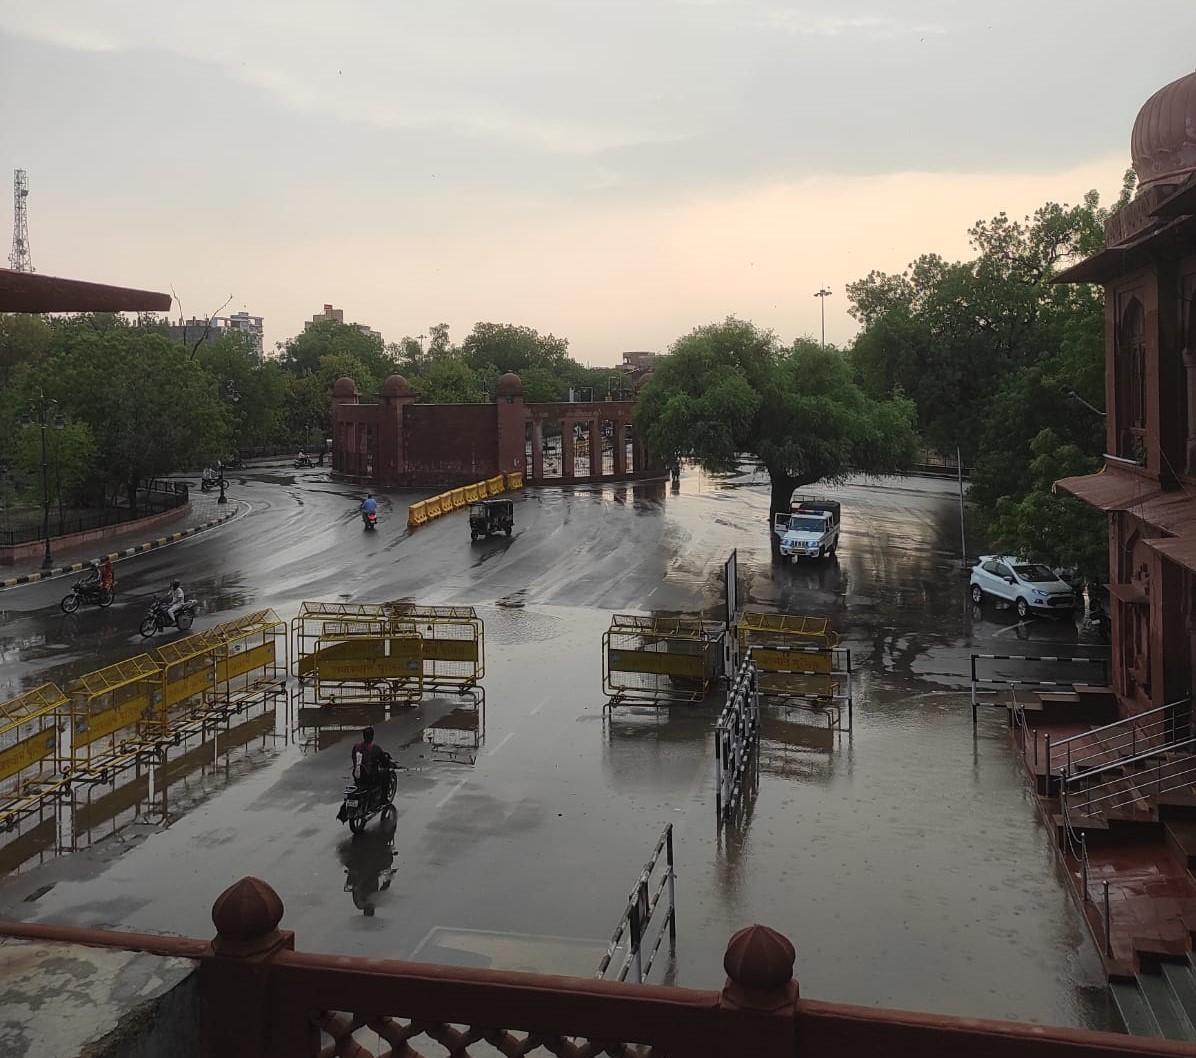 लगातार चौथे दिन बीकानेर में बारिश का सिलसिला जारी, श्रीकोलायत का कपिल सरोवर हुआ लबालब, शहर के तालाबों में भी आया पानी|बीकानेर,Bikaner - Dainik Bhaskar